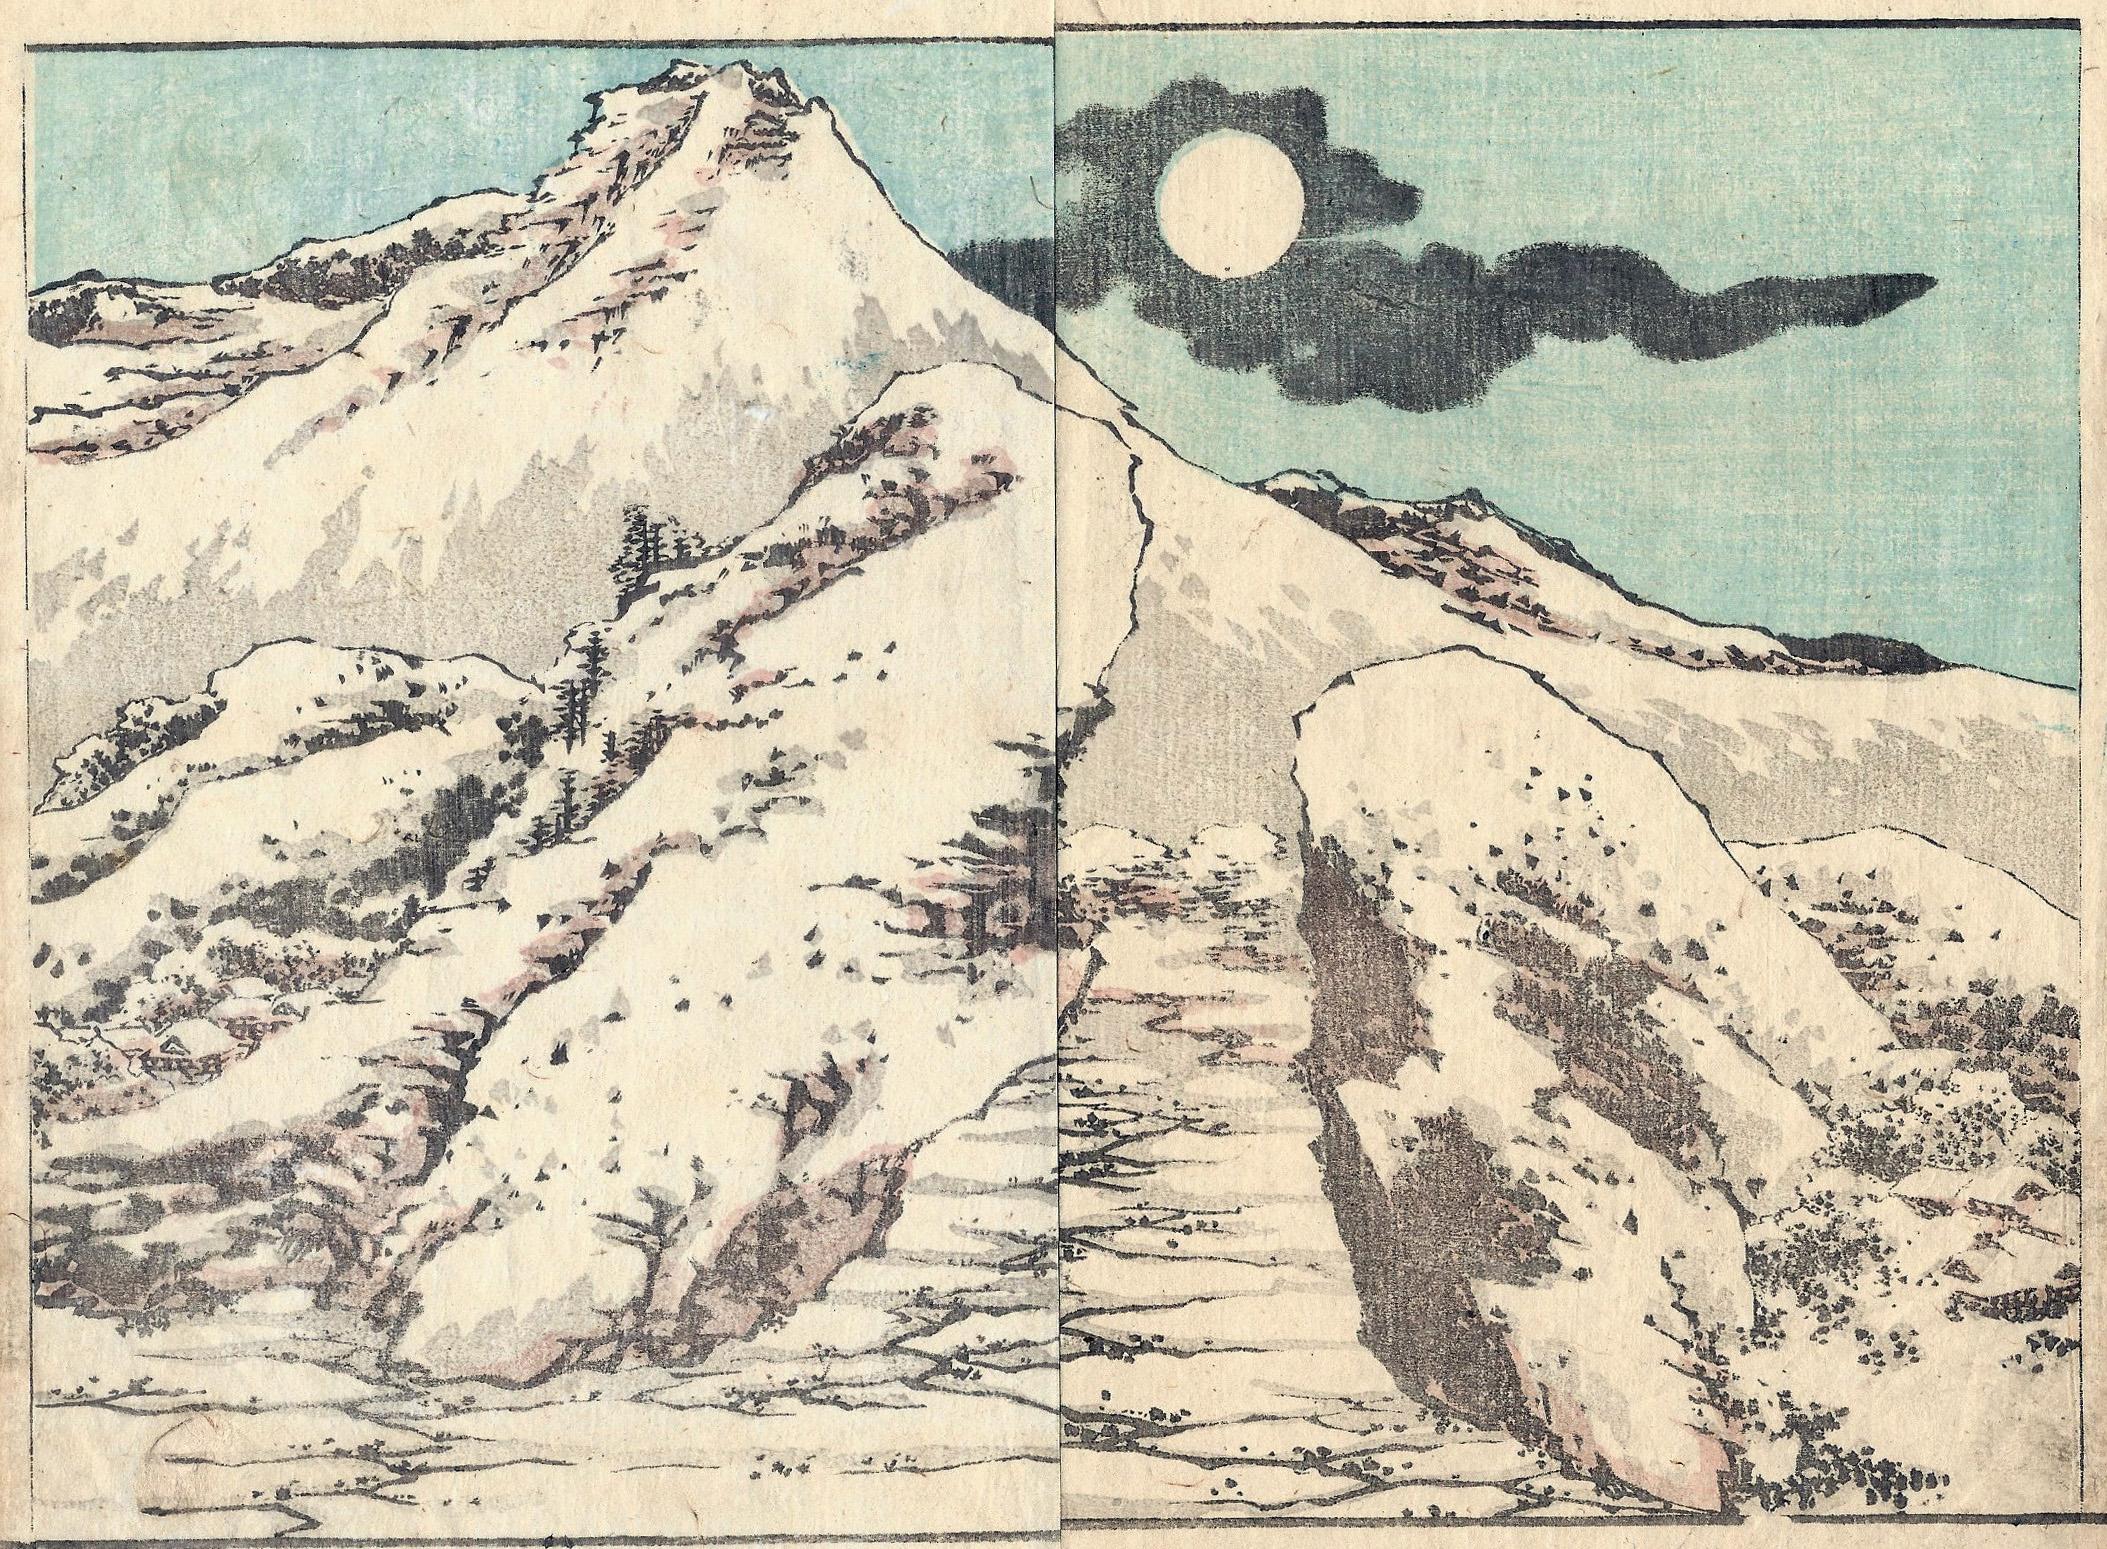 Katsushika HOKUSAI (Giappone, 1760 – 1849) – LA MONTAGNA E LA LUNA